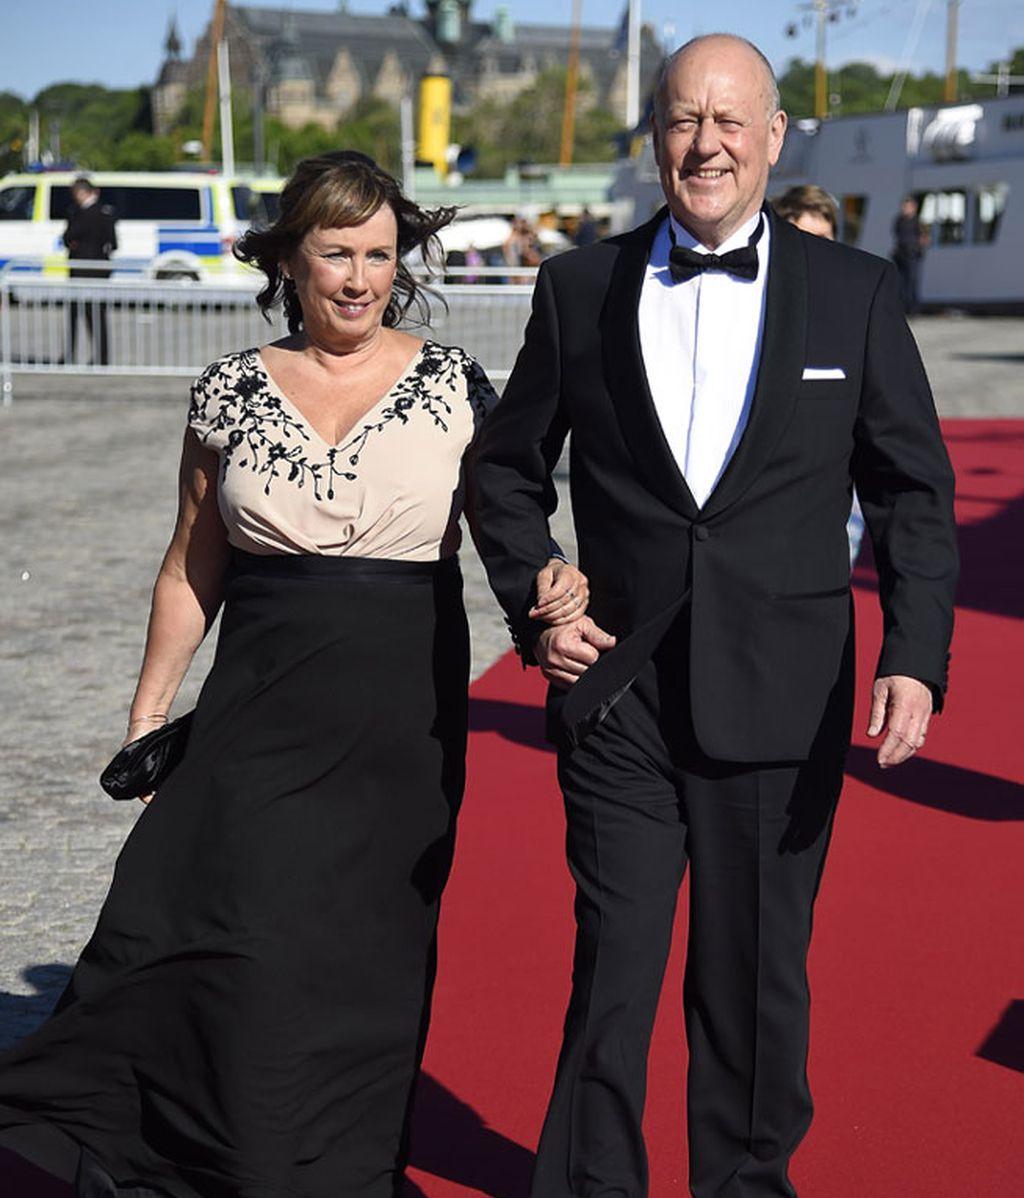 El príncipe Carlos Felipe y Sofia Hellqvist despiden su soltería con una cena de gala